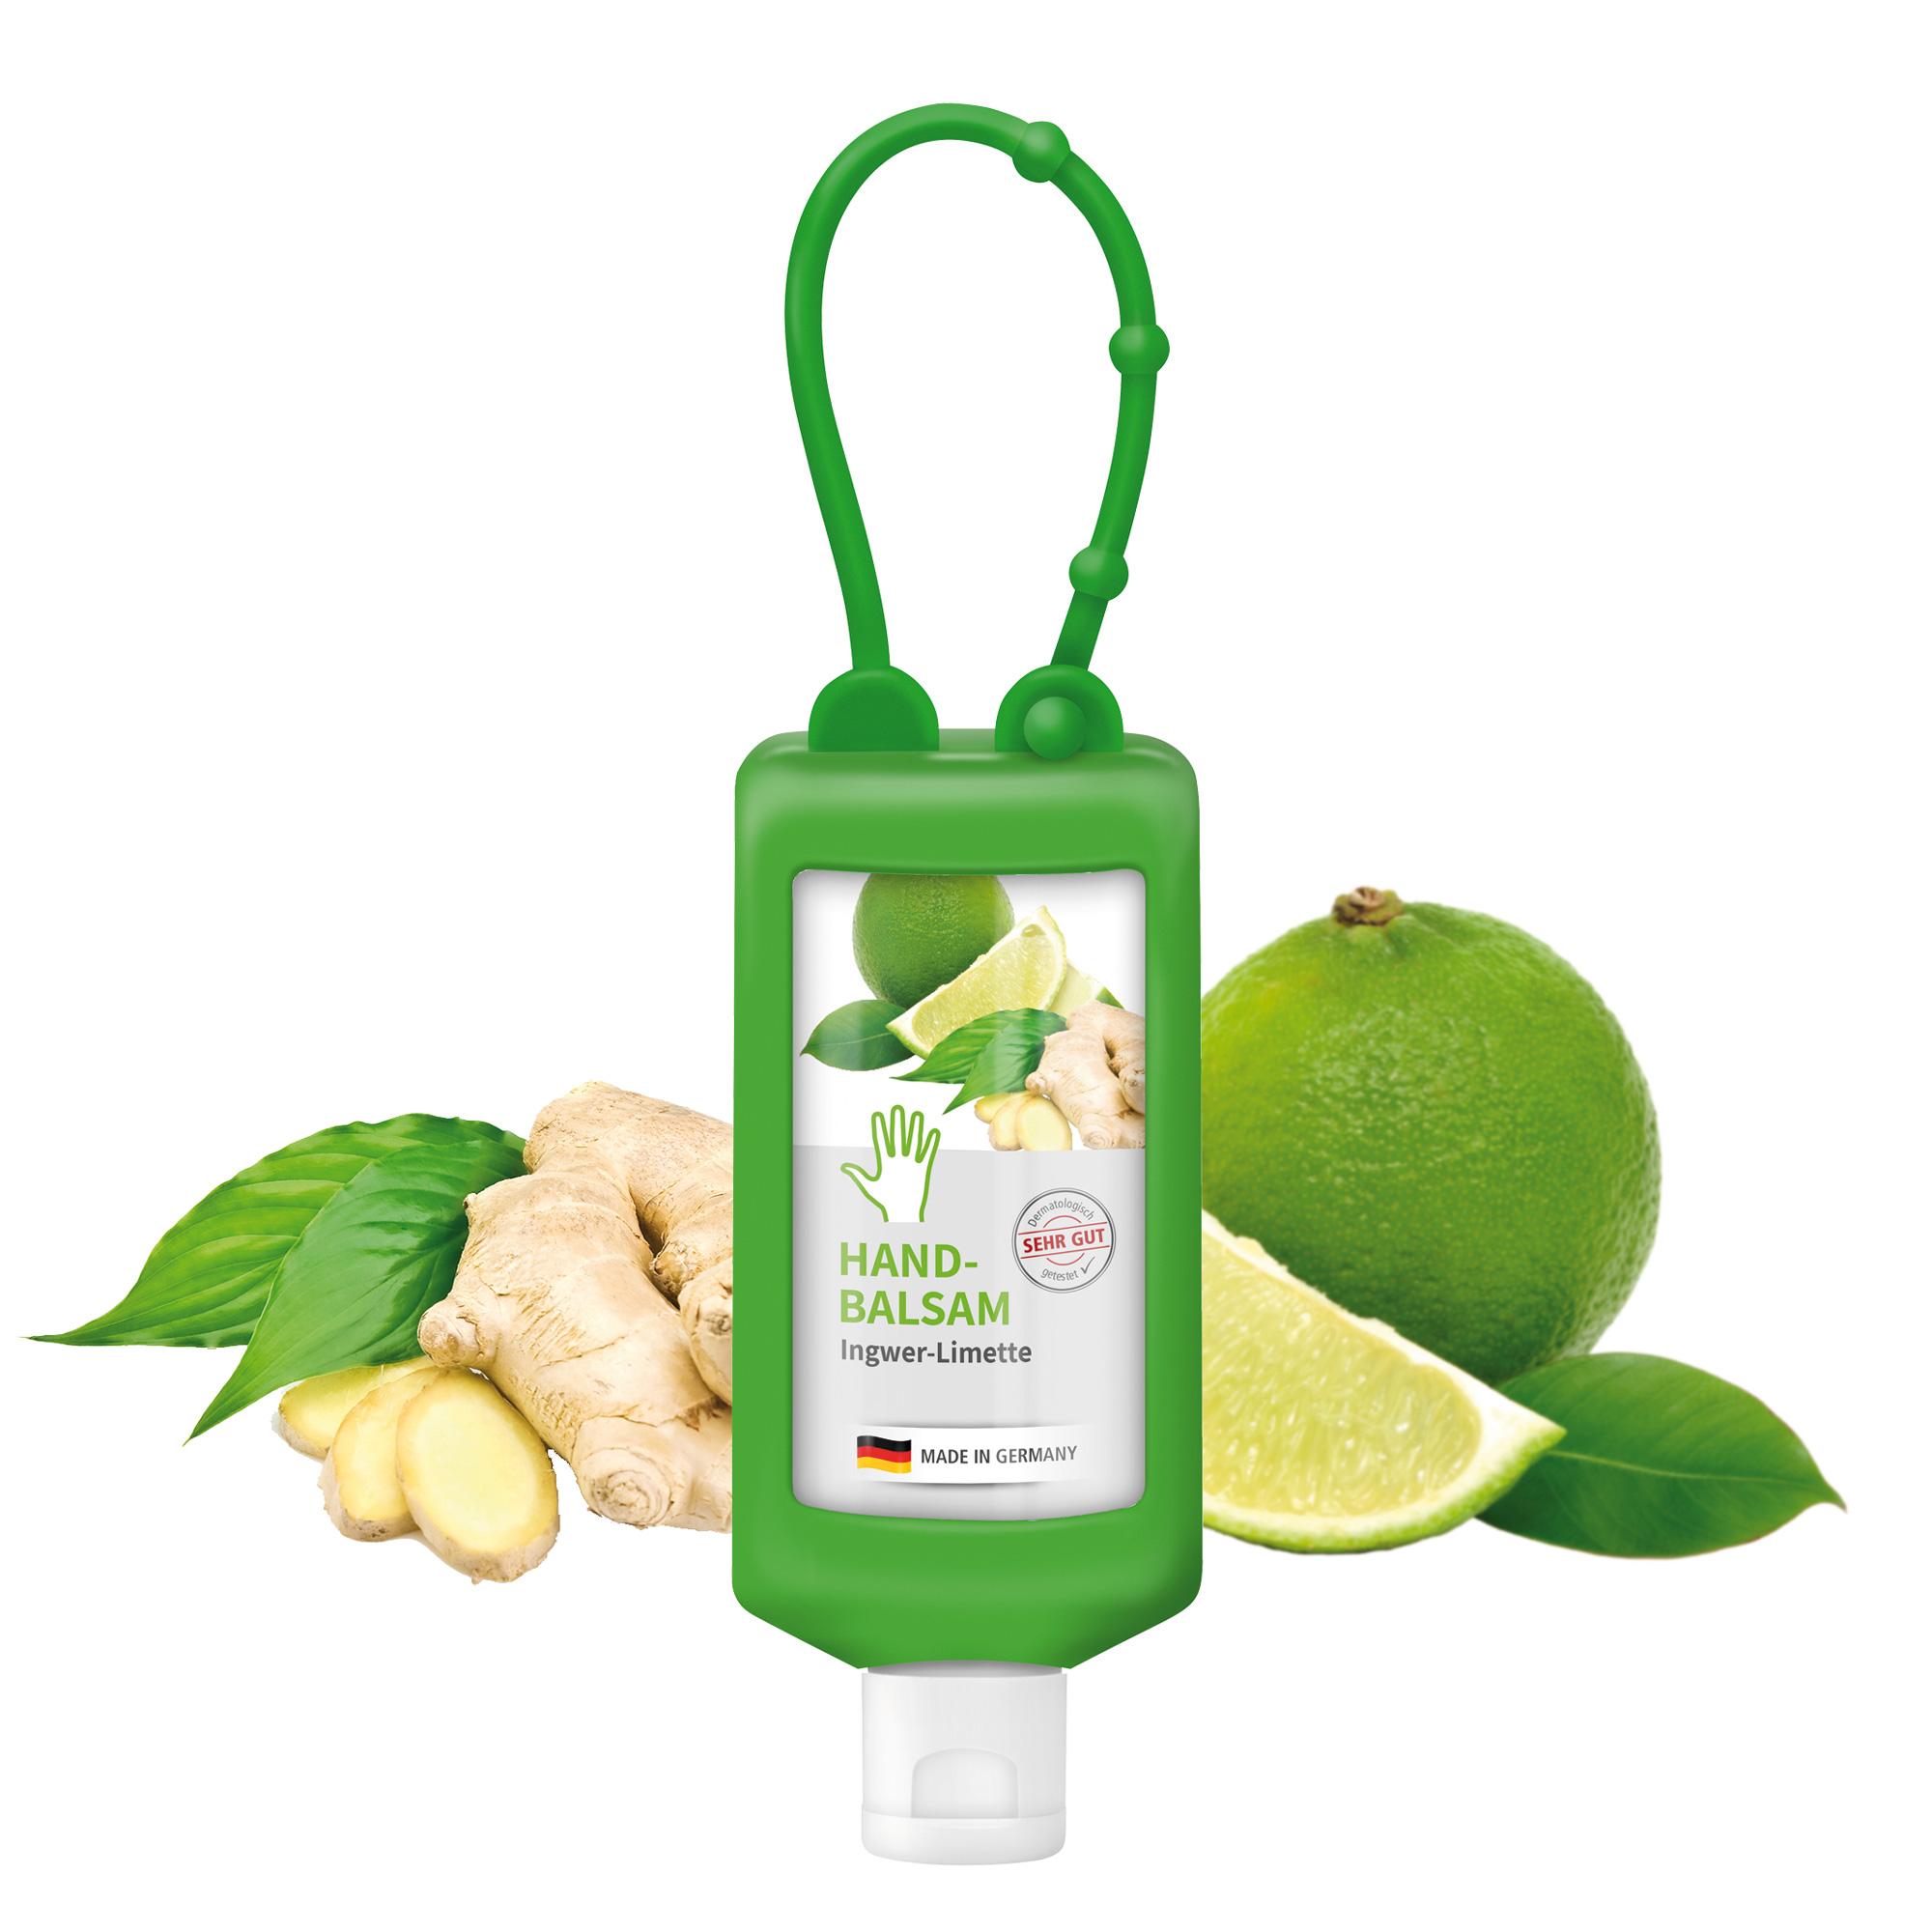 50 ml Handbalsam Tube Ingwer Limette